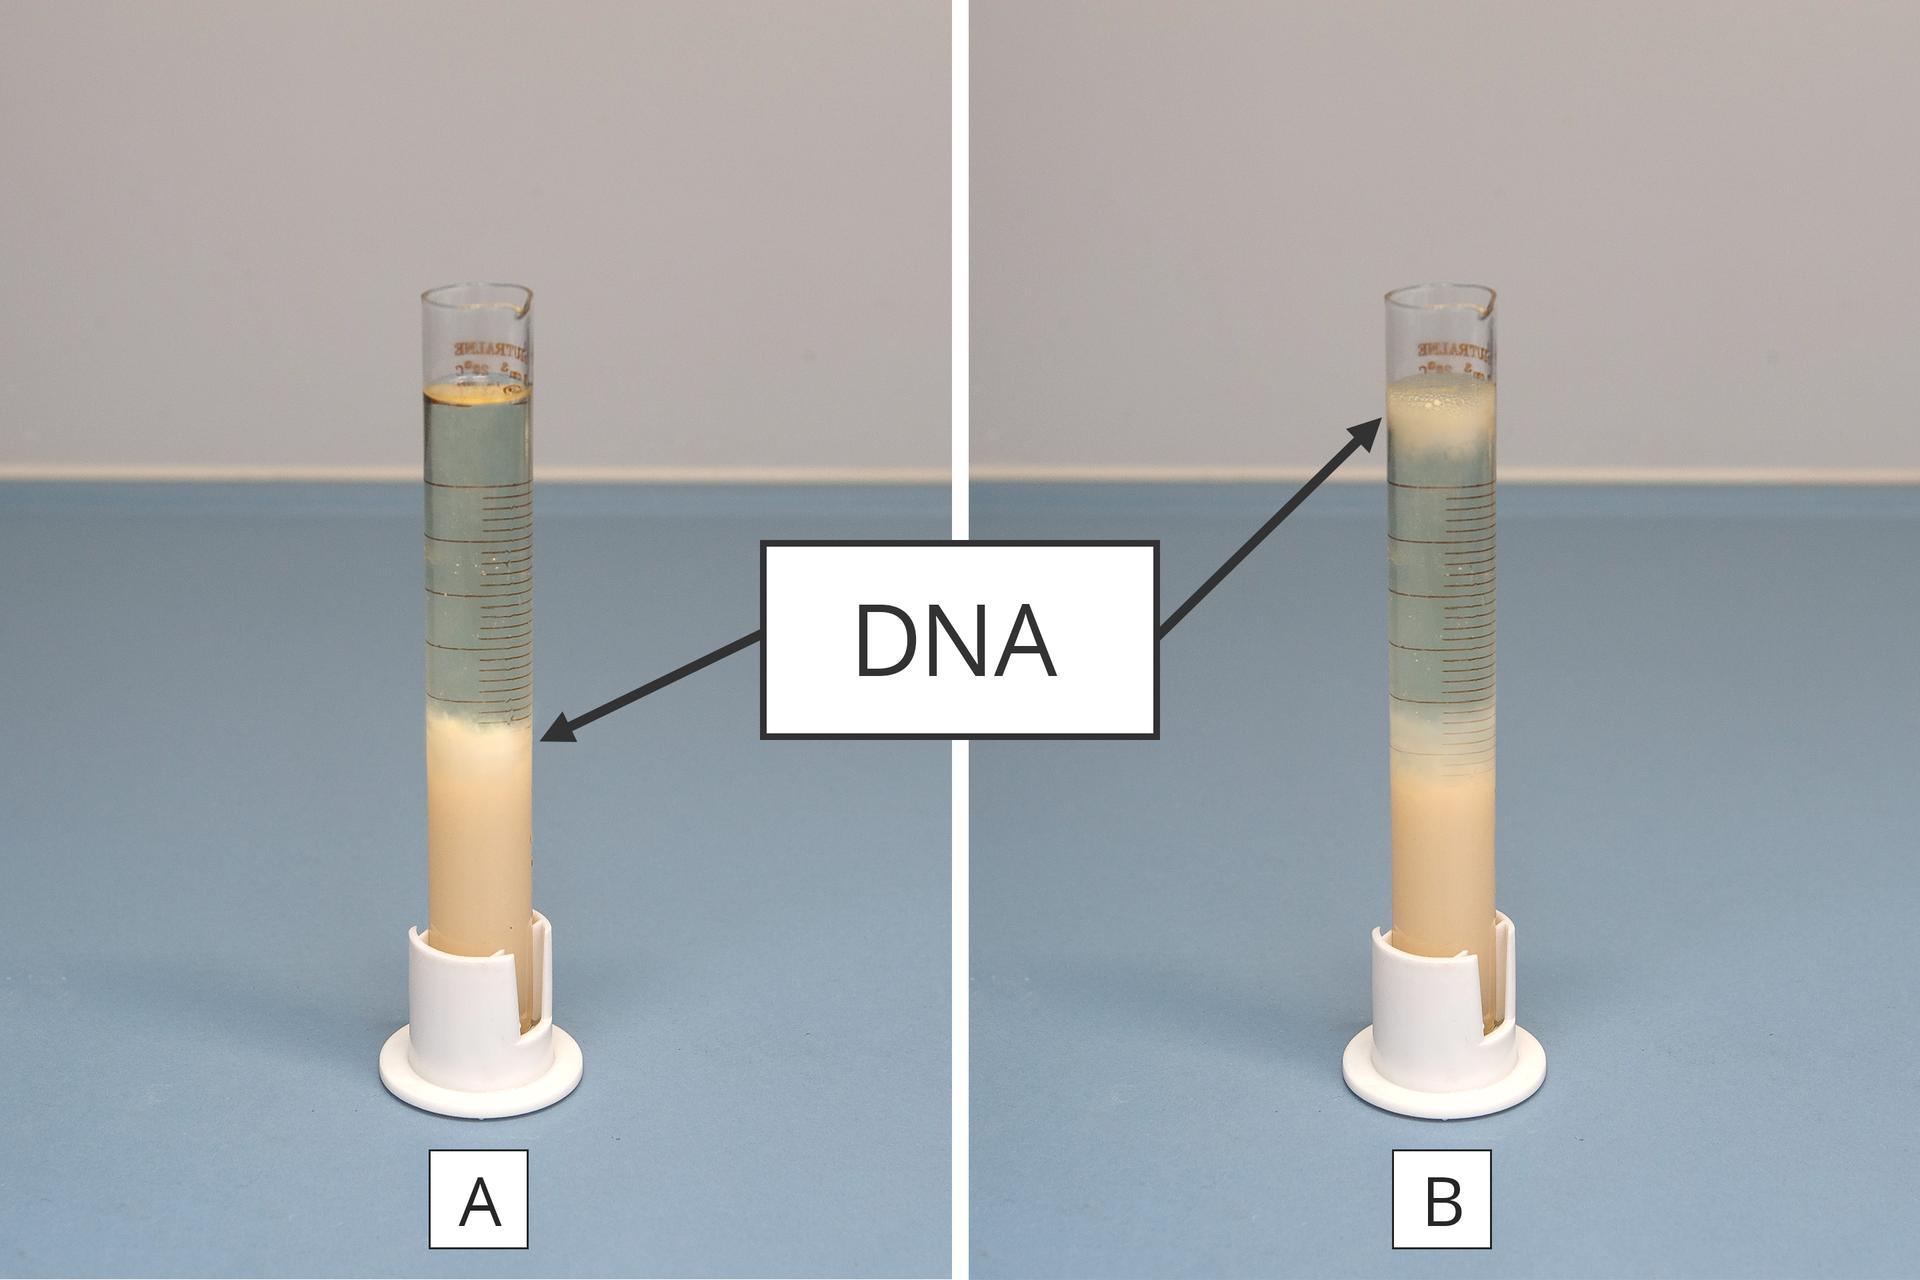 Dwie fotografie ilustrują wynik obserwacji, polegającej nawytrąceniu DNA owocu kiwi. Obie fotografie na niebieskim tle są połączone dużym kwadratem znapisem DNA. Na każdej fotografii znajduje się wzbliżeniu probówka zprzezroczystym płynem. Wnim wprobówce zlewej na dole zebrał się różowy, kłaczkowaty osad, wskazany jako DNA. Wprobówce zprawej różowy osad DNA znajduje się na dole próbówki oraz przy powierzchni płynu.